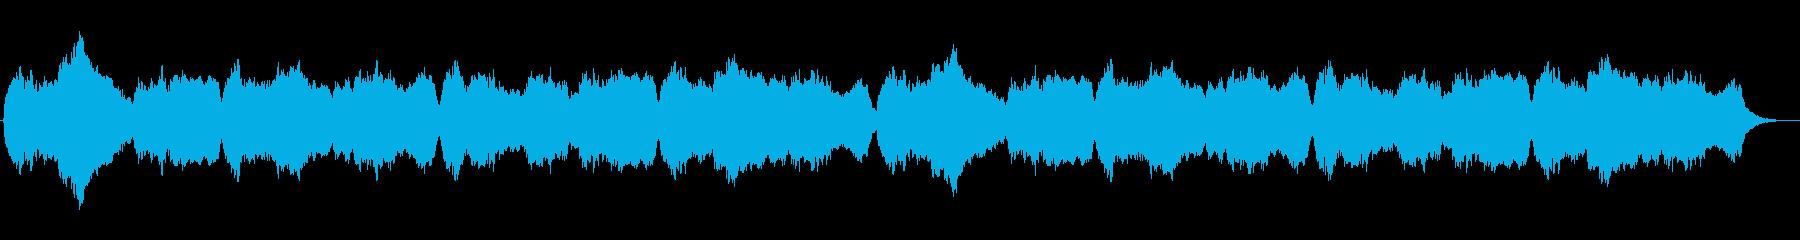 賛美歌「いつくしみ深き」1〜2番のみの再生済みの波形